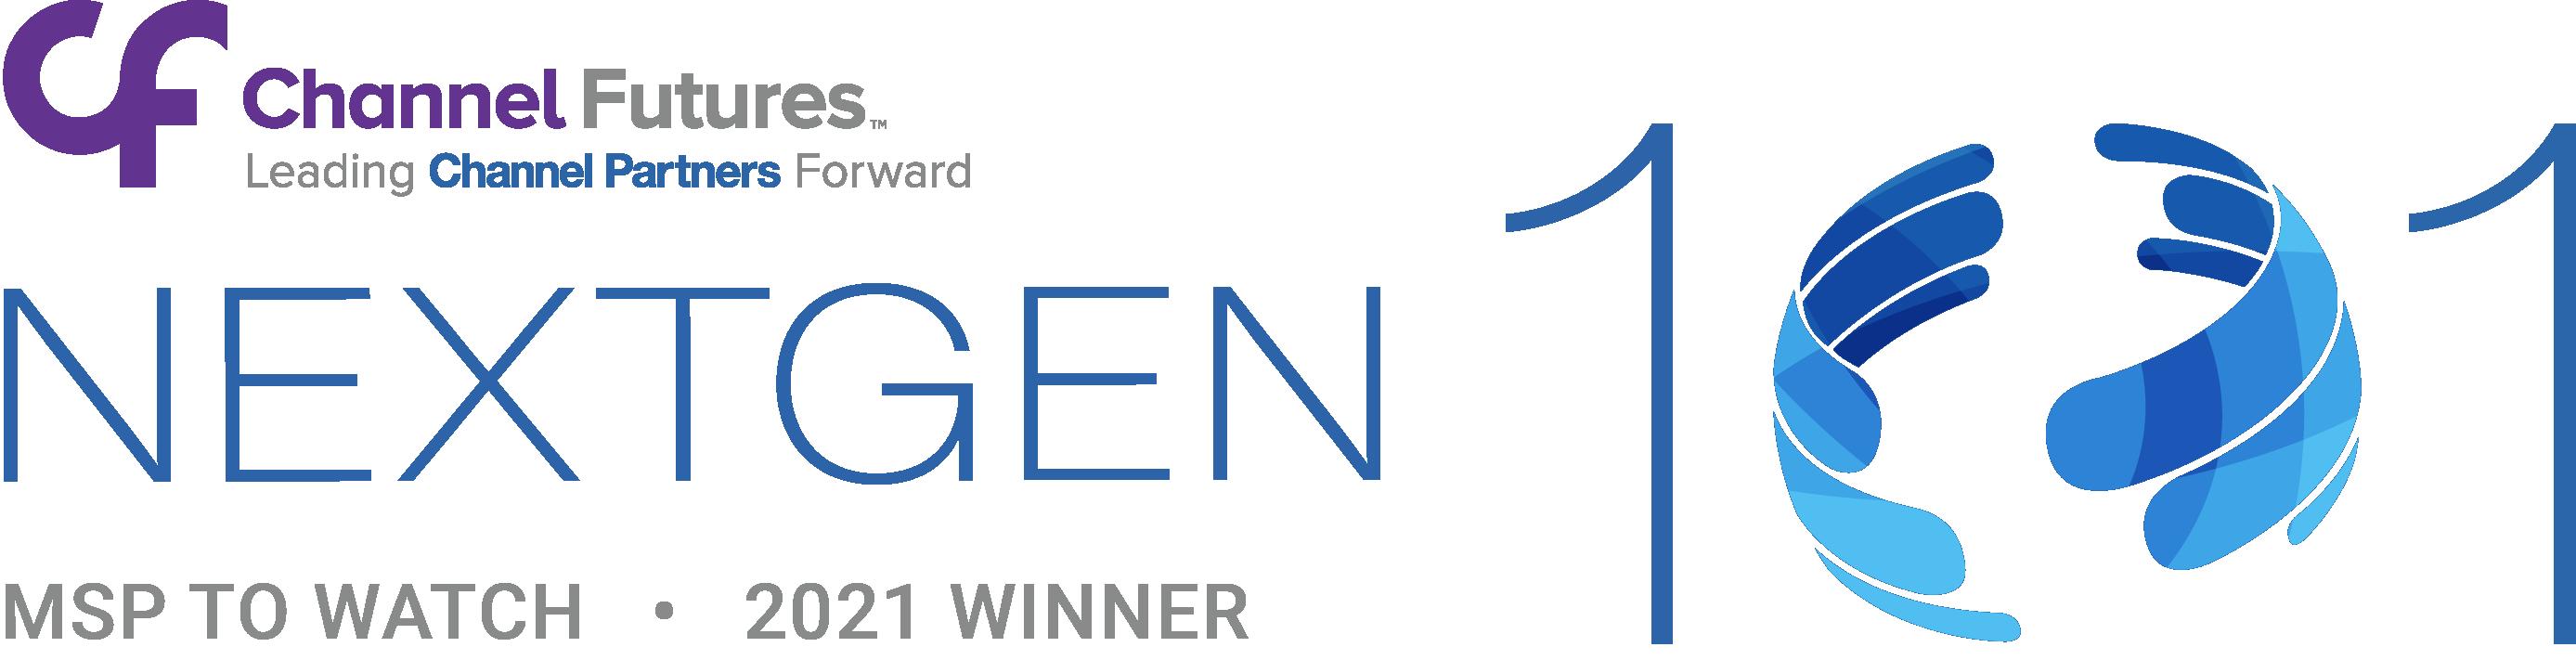 Managed-IT-Asia-NextGen-101-2021-Winner